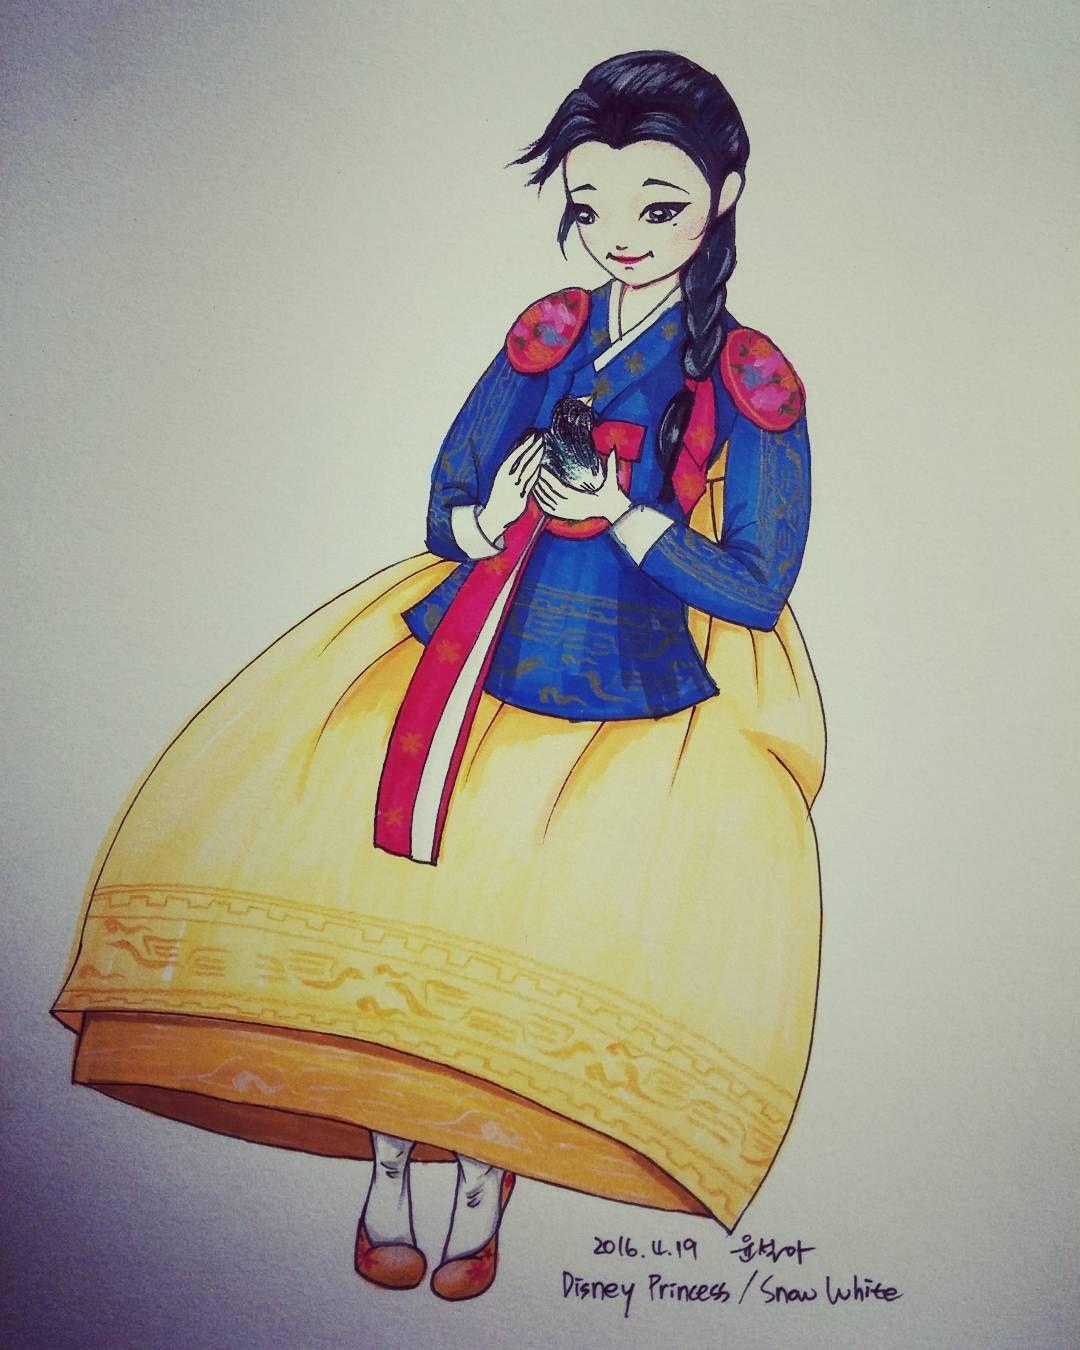 식상하지만 재밌는 생각 :) #좋아서그린다그램 #백설공주 #한복버전 #한복일러스트 #까치는거들뿐 #disneyprincess #snowwhite #koreantreditionaldress ver.